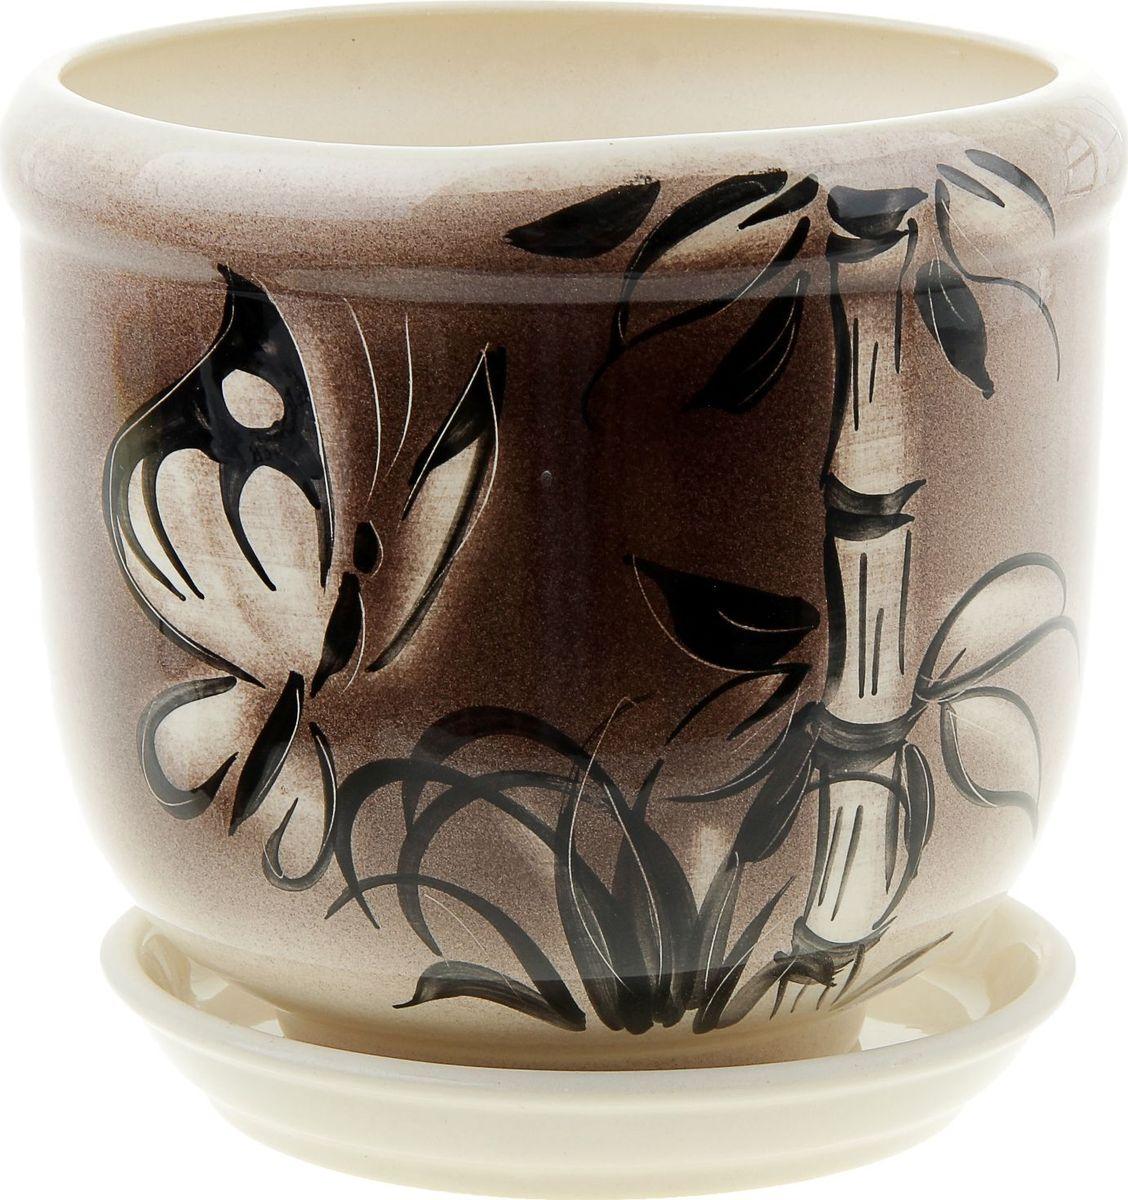 Кашпо Керамика ручной работы Ривьера. Мотылек, 2,4 л835587Комнатные растения — всеобщие любимцы. Они радуют глаз, насыщают помещение кислородом и украшают пространство. Каждому из них необходим свой удобный и красивый дом. Кашпо из керамики прекрасно подходят для высадки растений: за счёт пластичности глины и разных способов обработки существует великое множество форм и дизайновпористый материал позволяет испаряться лишней влагевоздух, необходимый для дыхания корней, проникает сквозь керамические стенки! #name# позаботится о зелёном питомце, освежит интерьер и подчеркнёт его стиль.